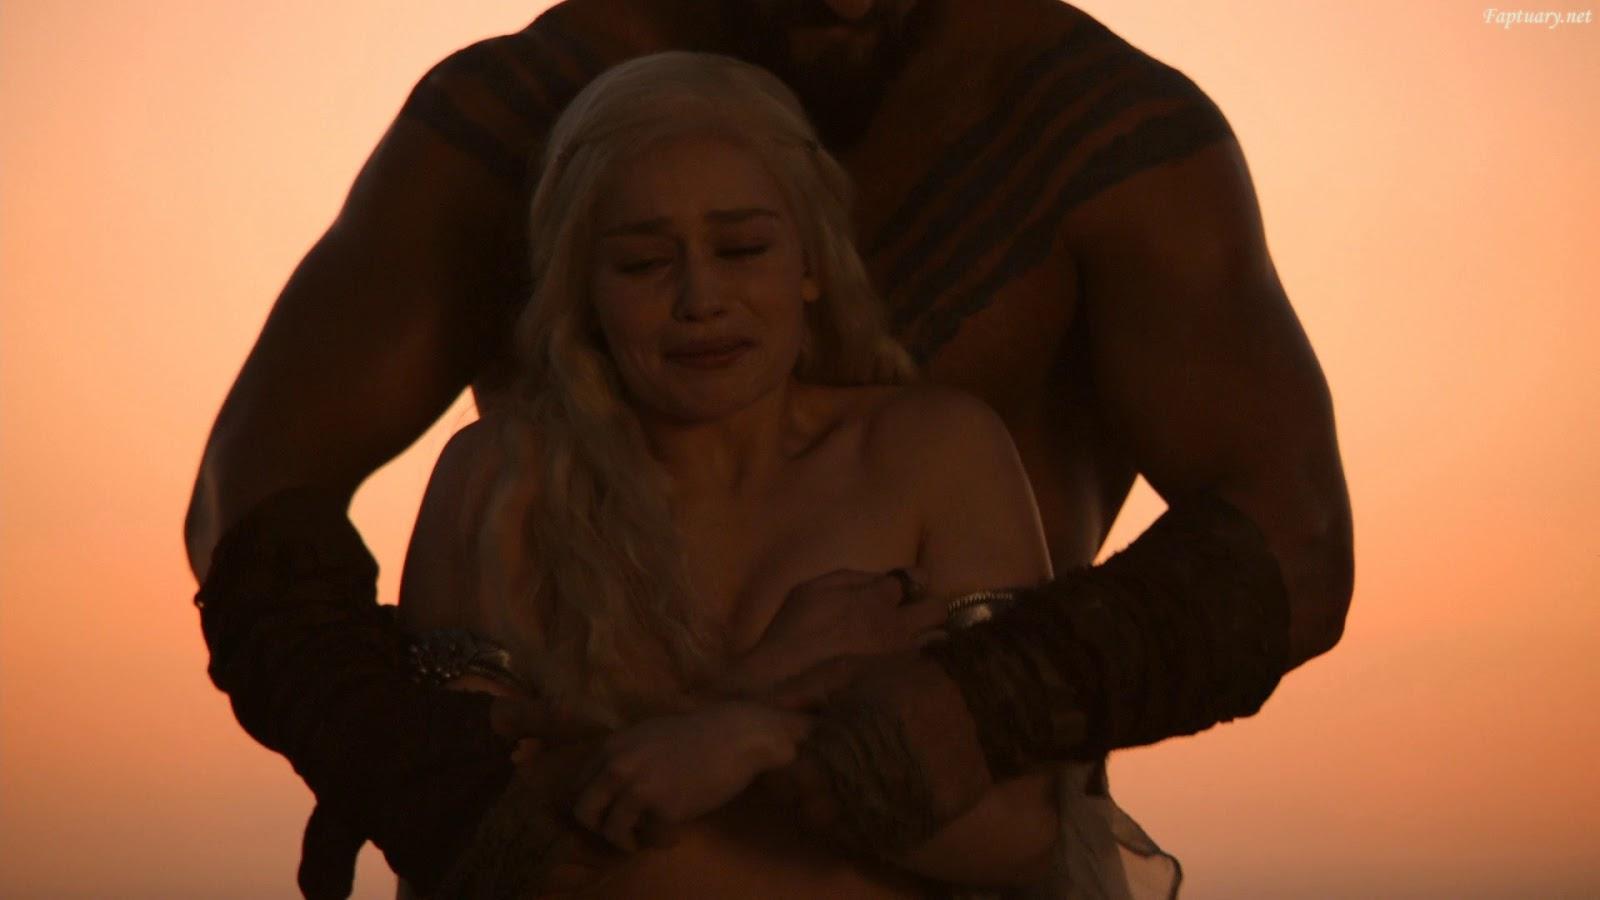 Emilia clarke got sex scene 4